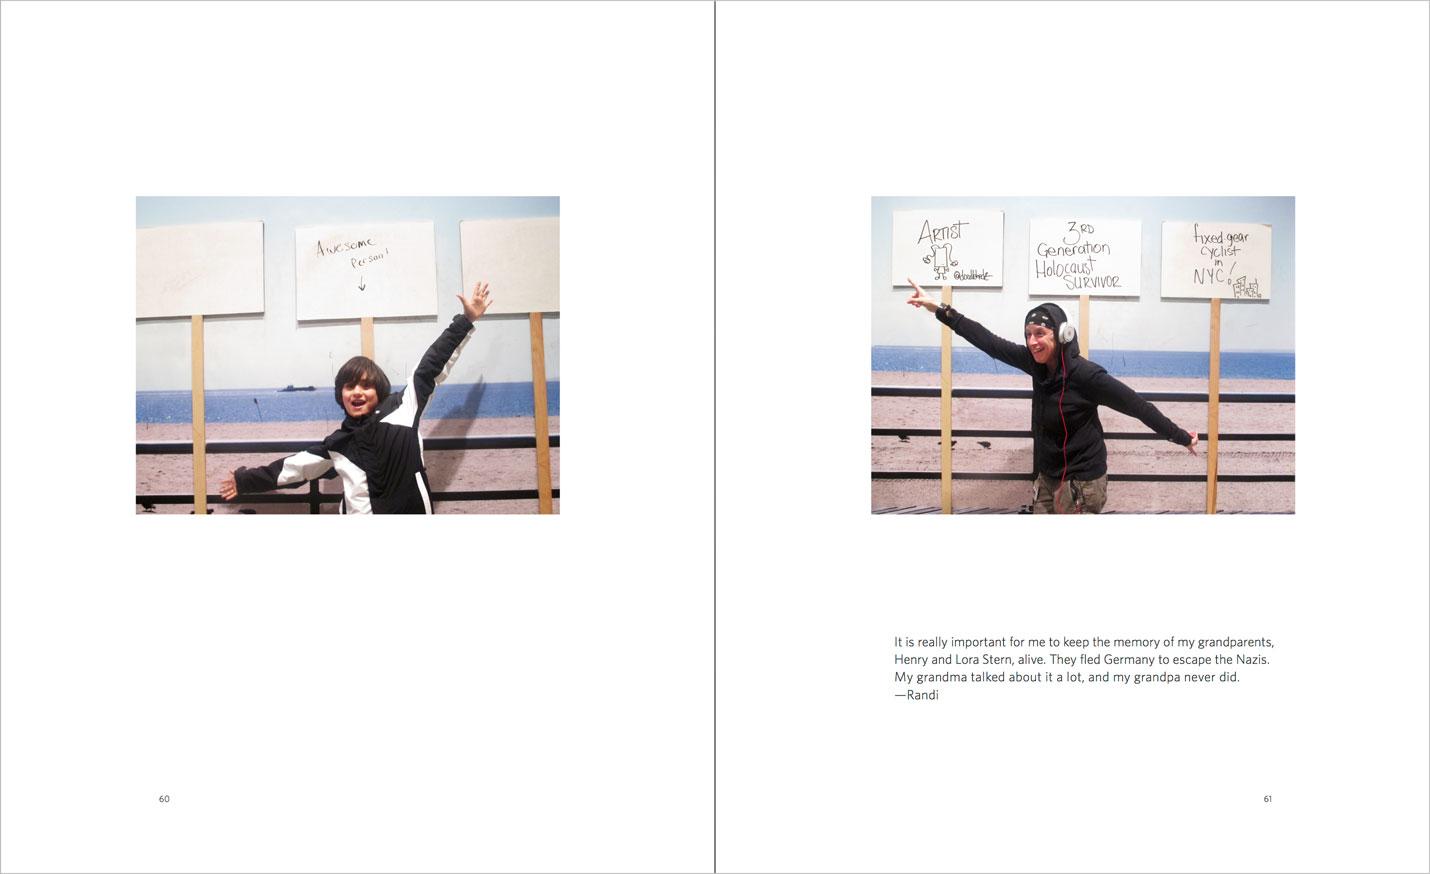 BLIUMIS_PAGE15.jpg